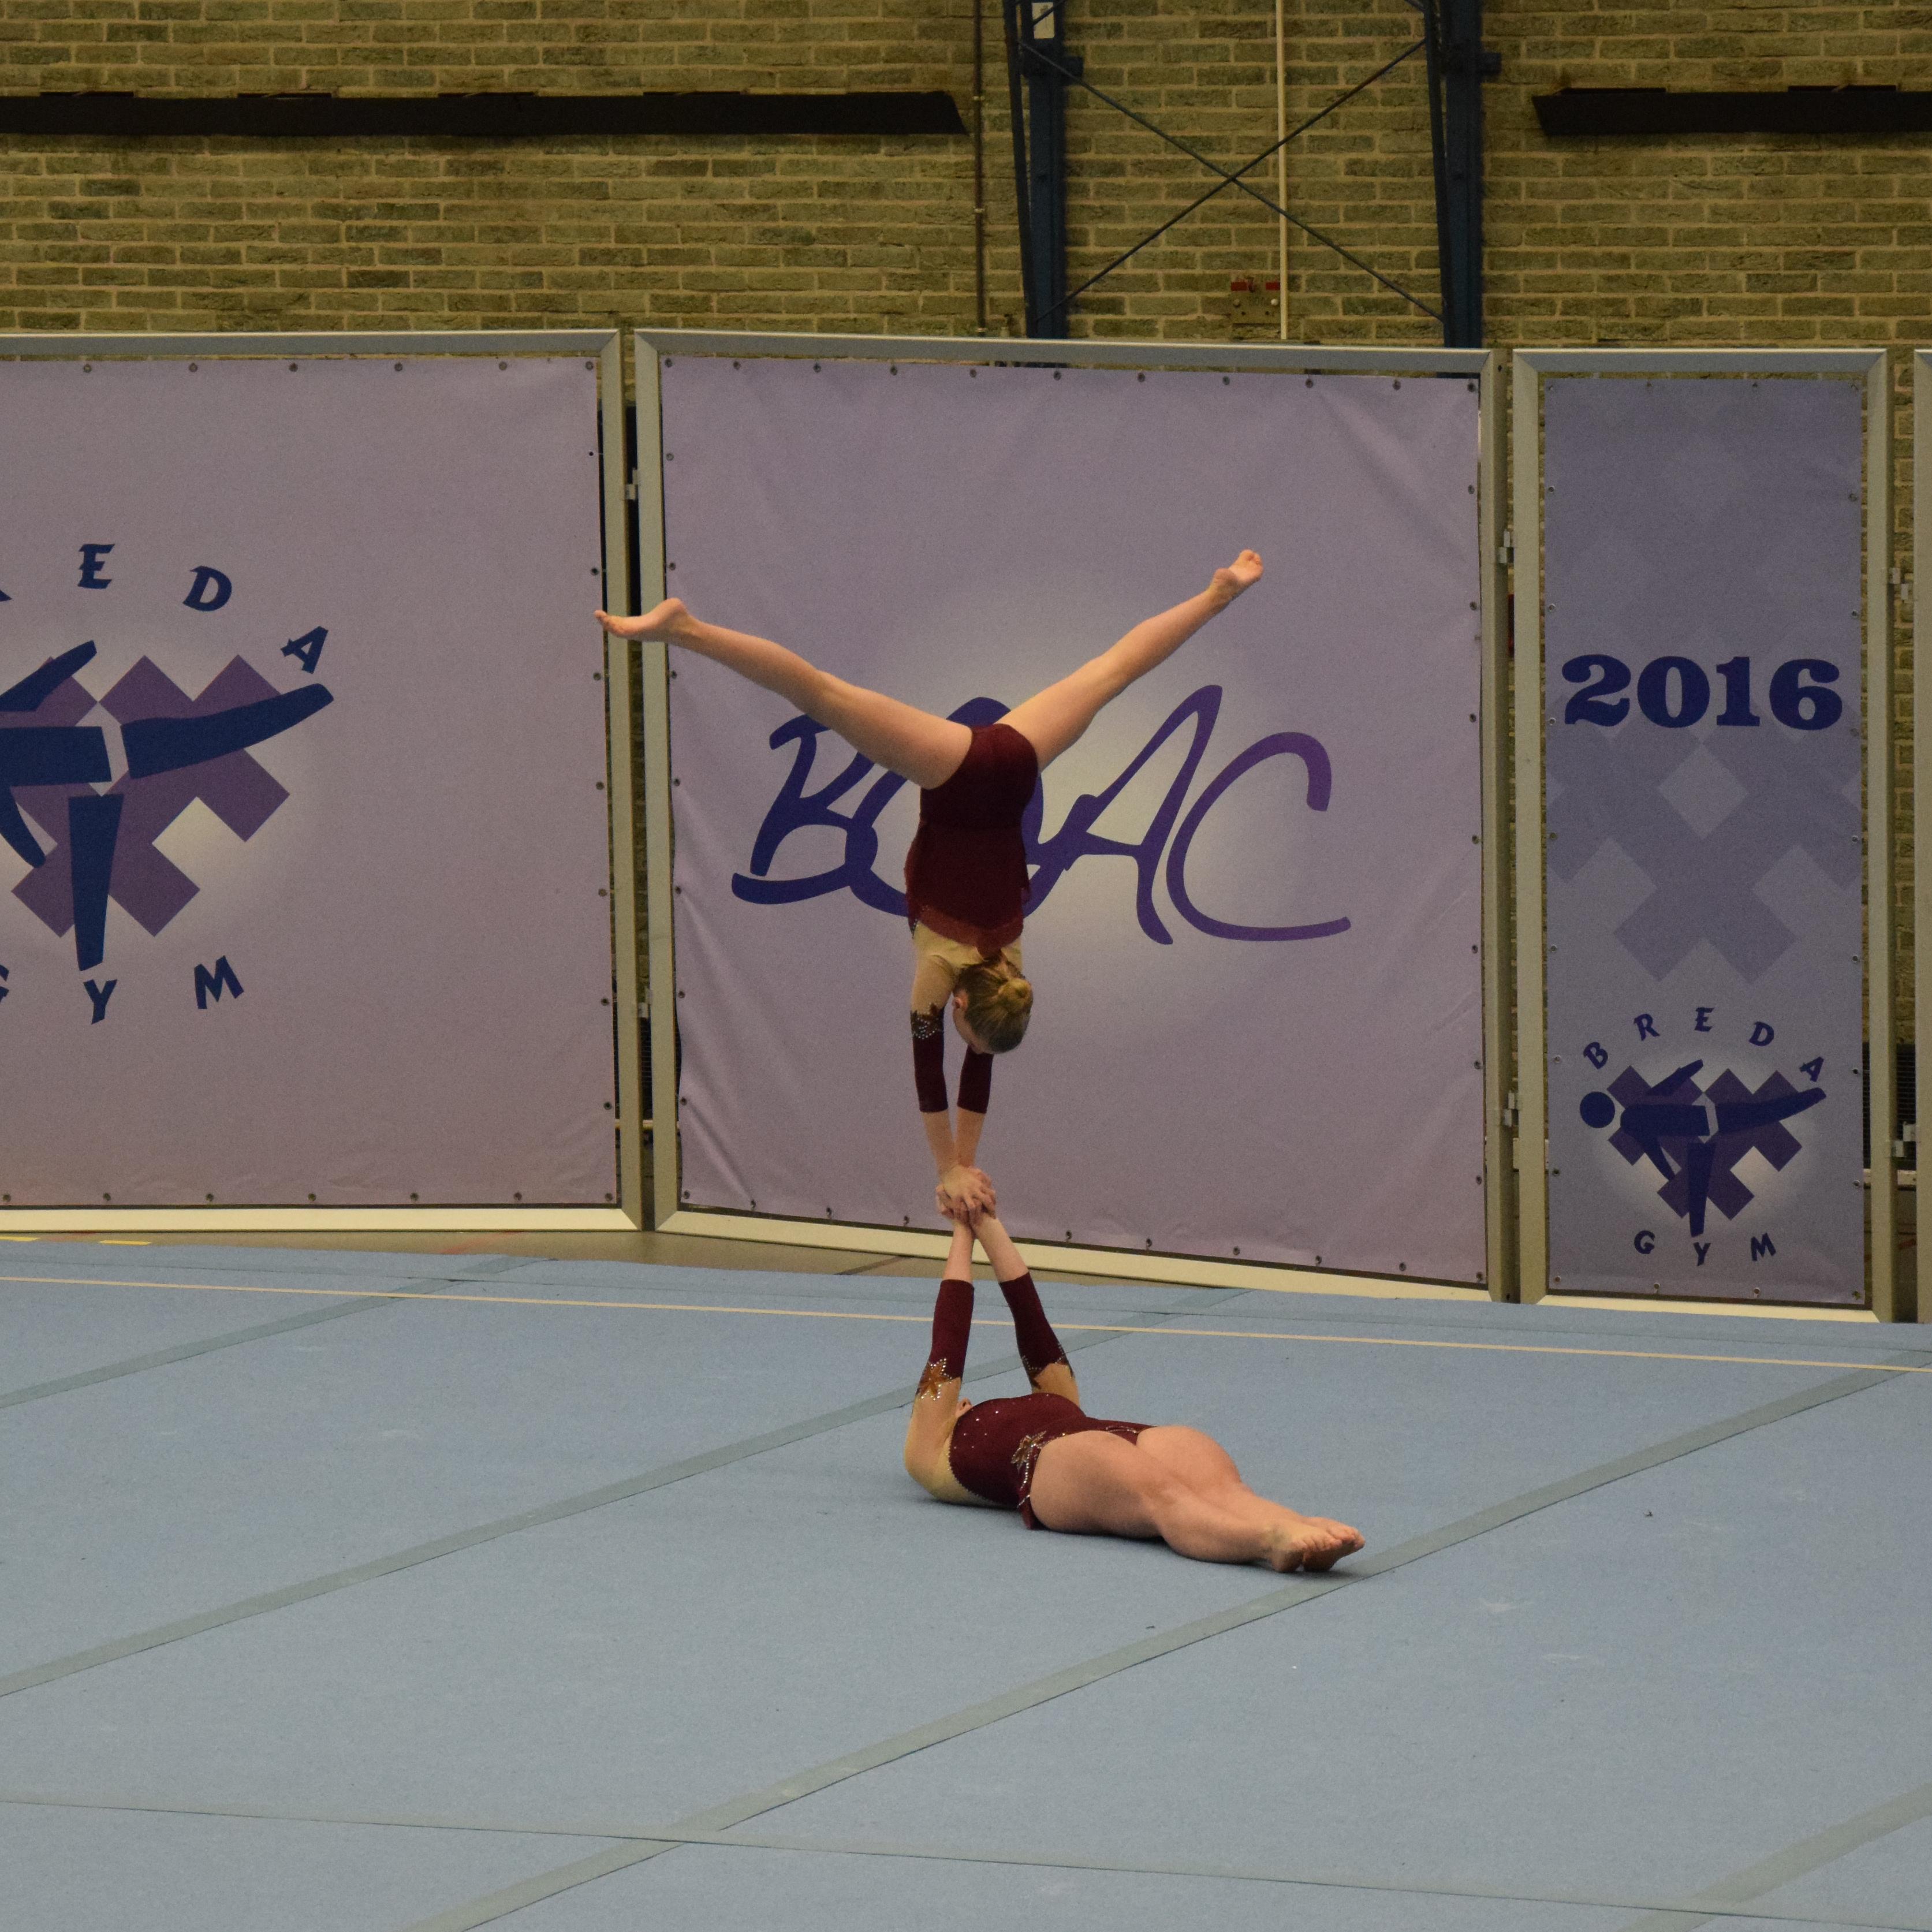 Opening acro seizoen bij BOAC met 17 medailles